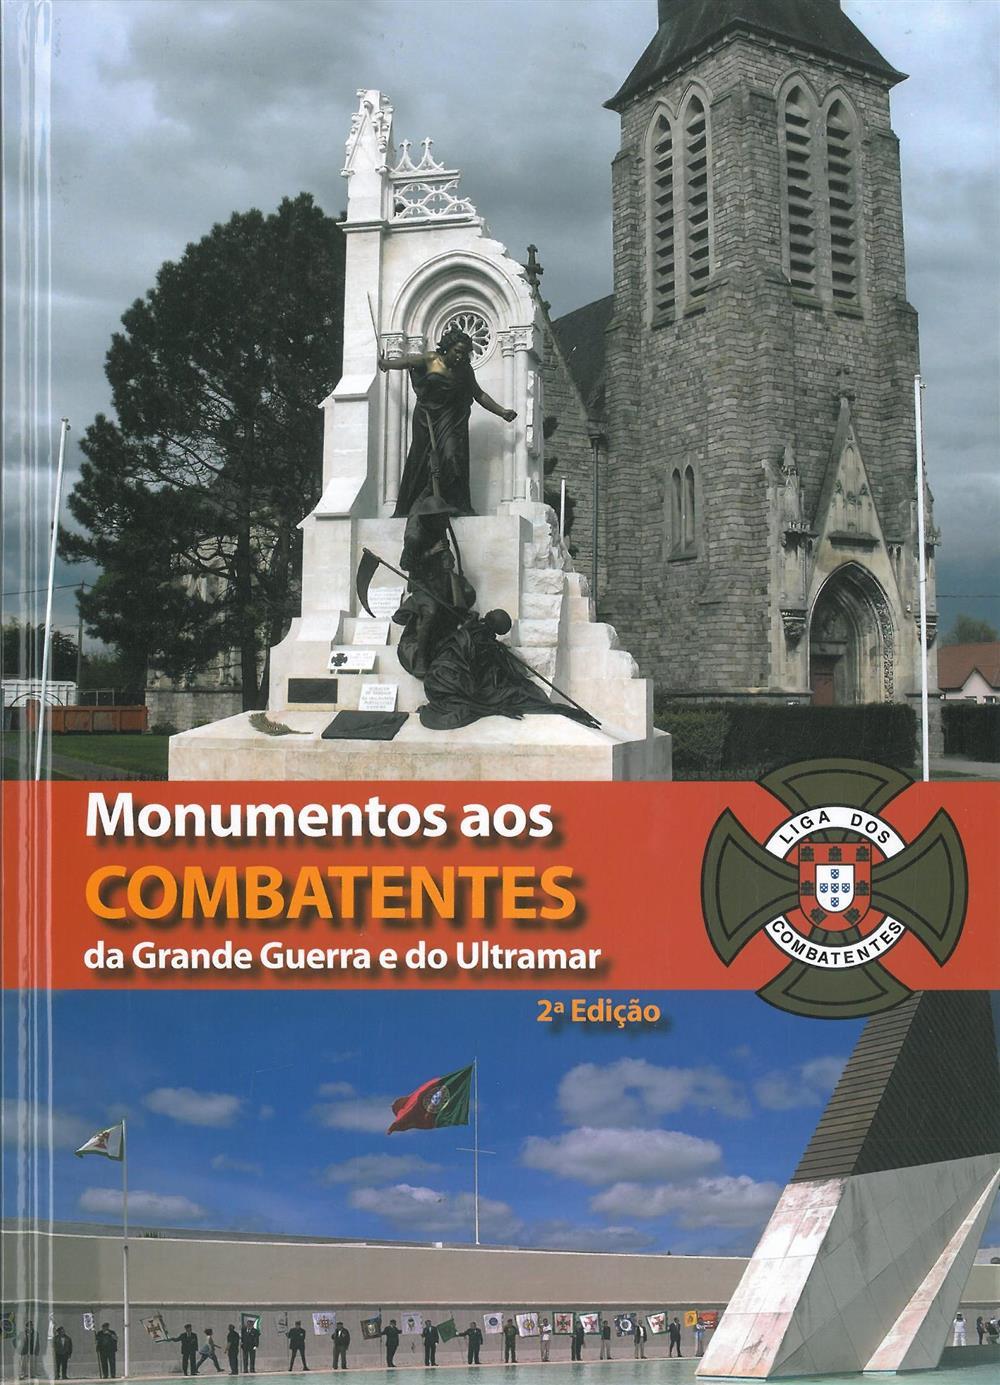 Monumentos aos combatentes da Grande Guerra e do Ultramar_.jpg